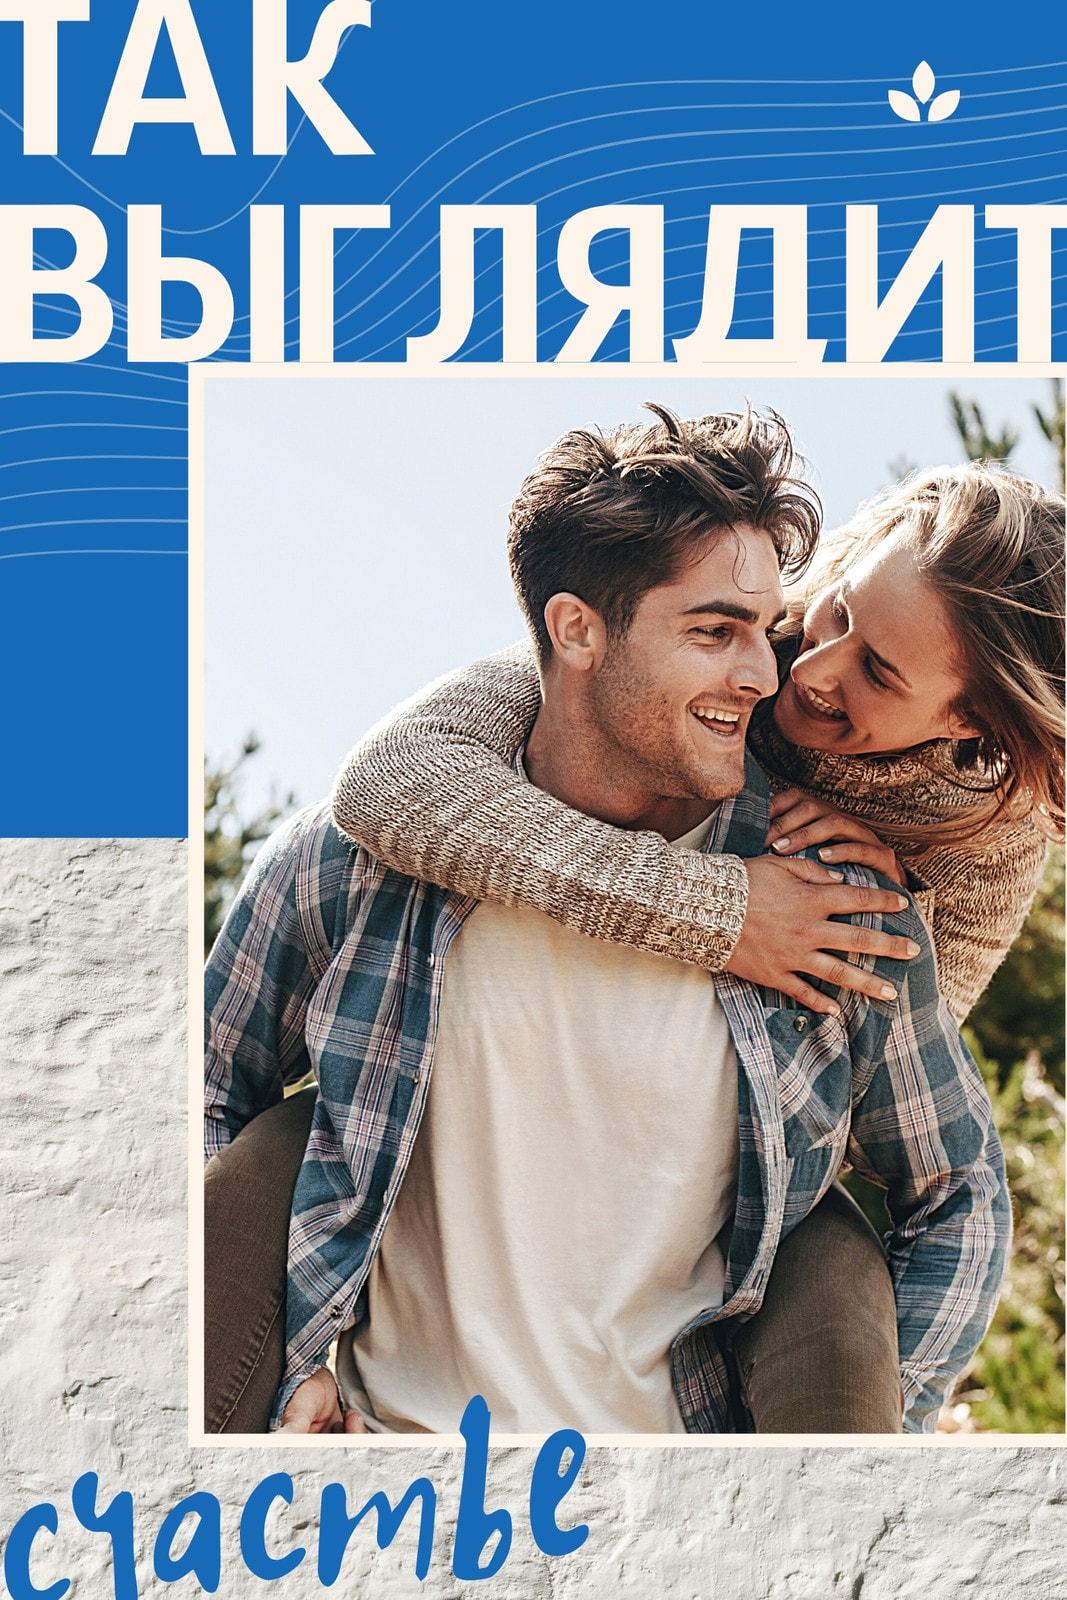 Синее и белое изображение профиля ВК с фотографией пары